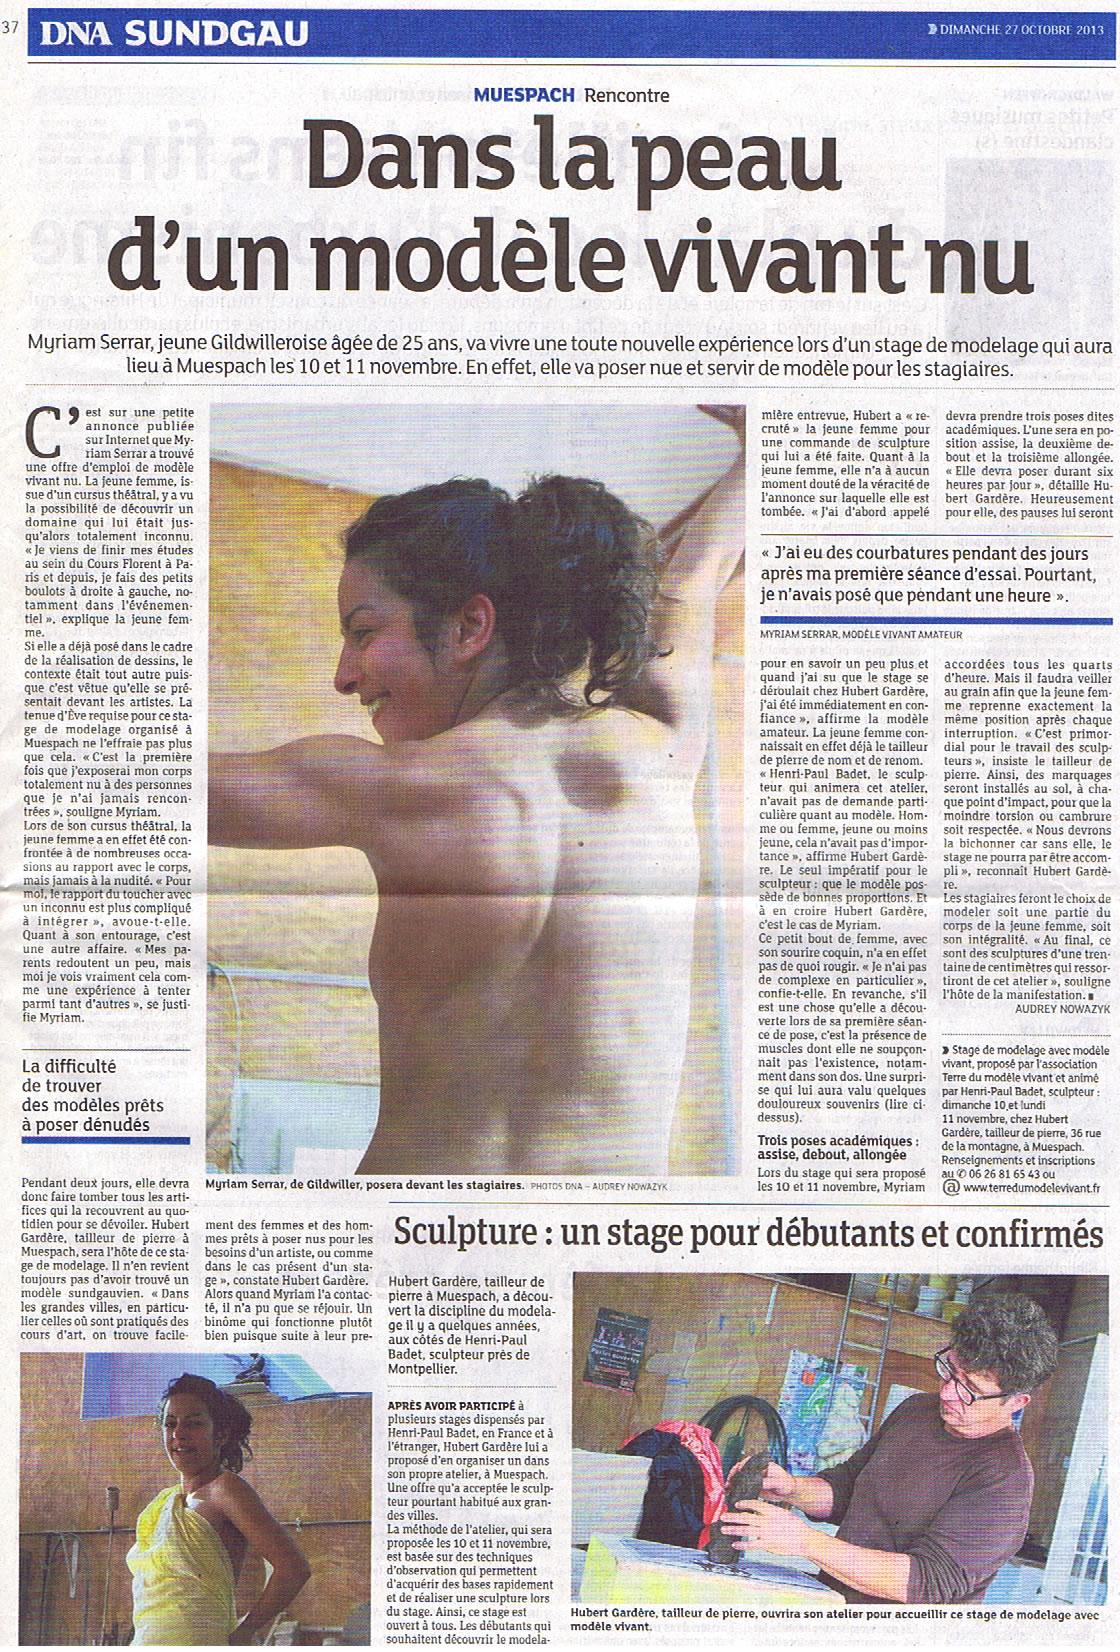 Presse - 27 octobre 2013